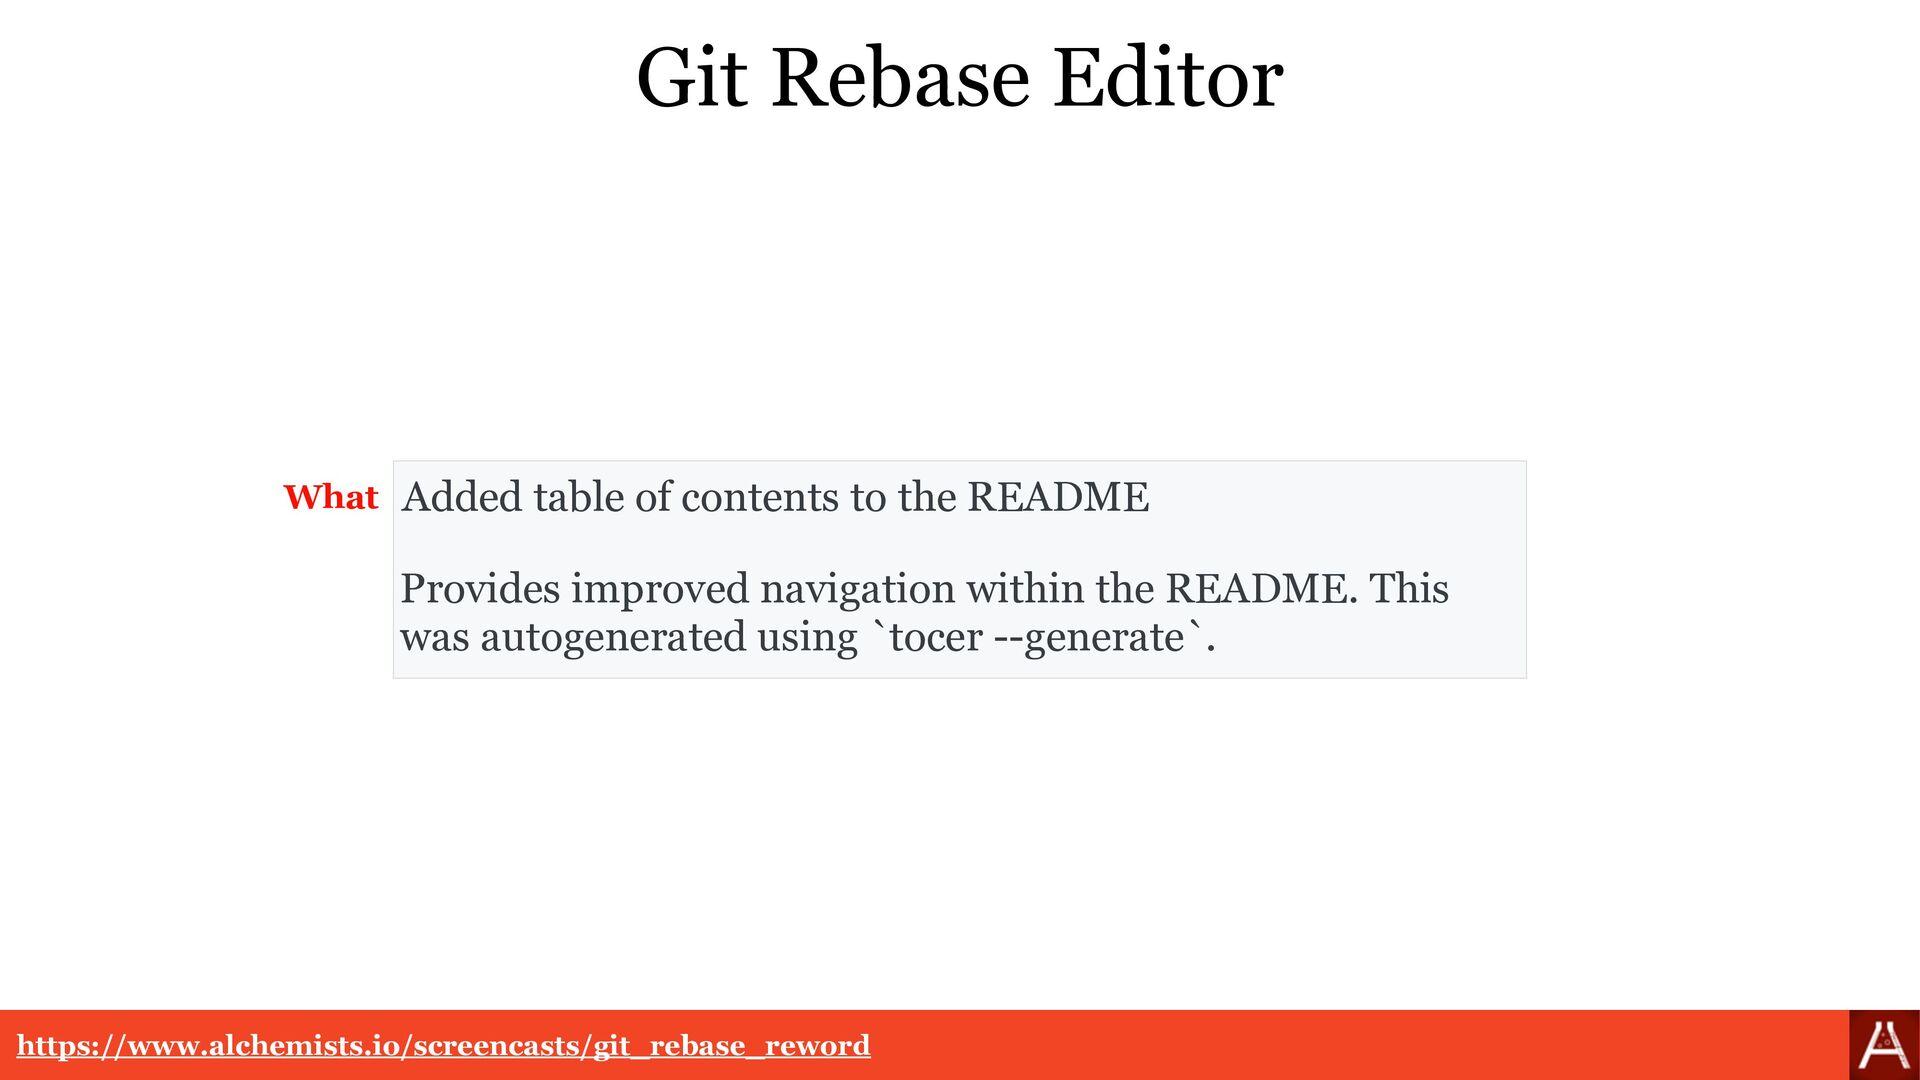 Git Rebase CLI 2dc5e2e29e22 Added initial imple...